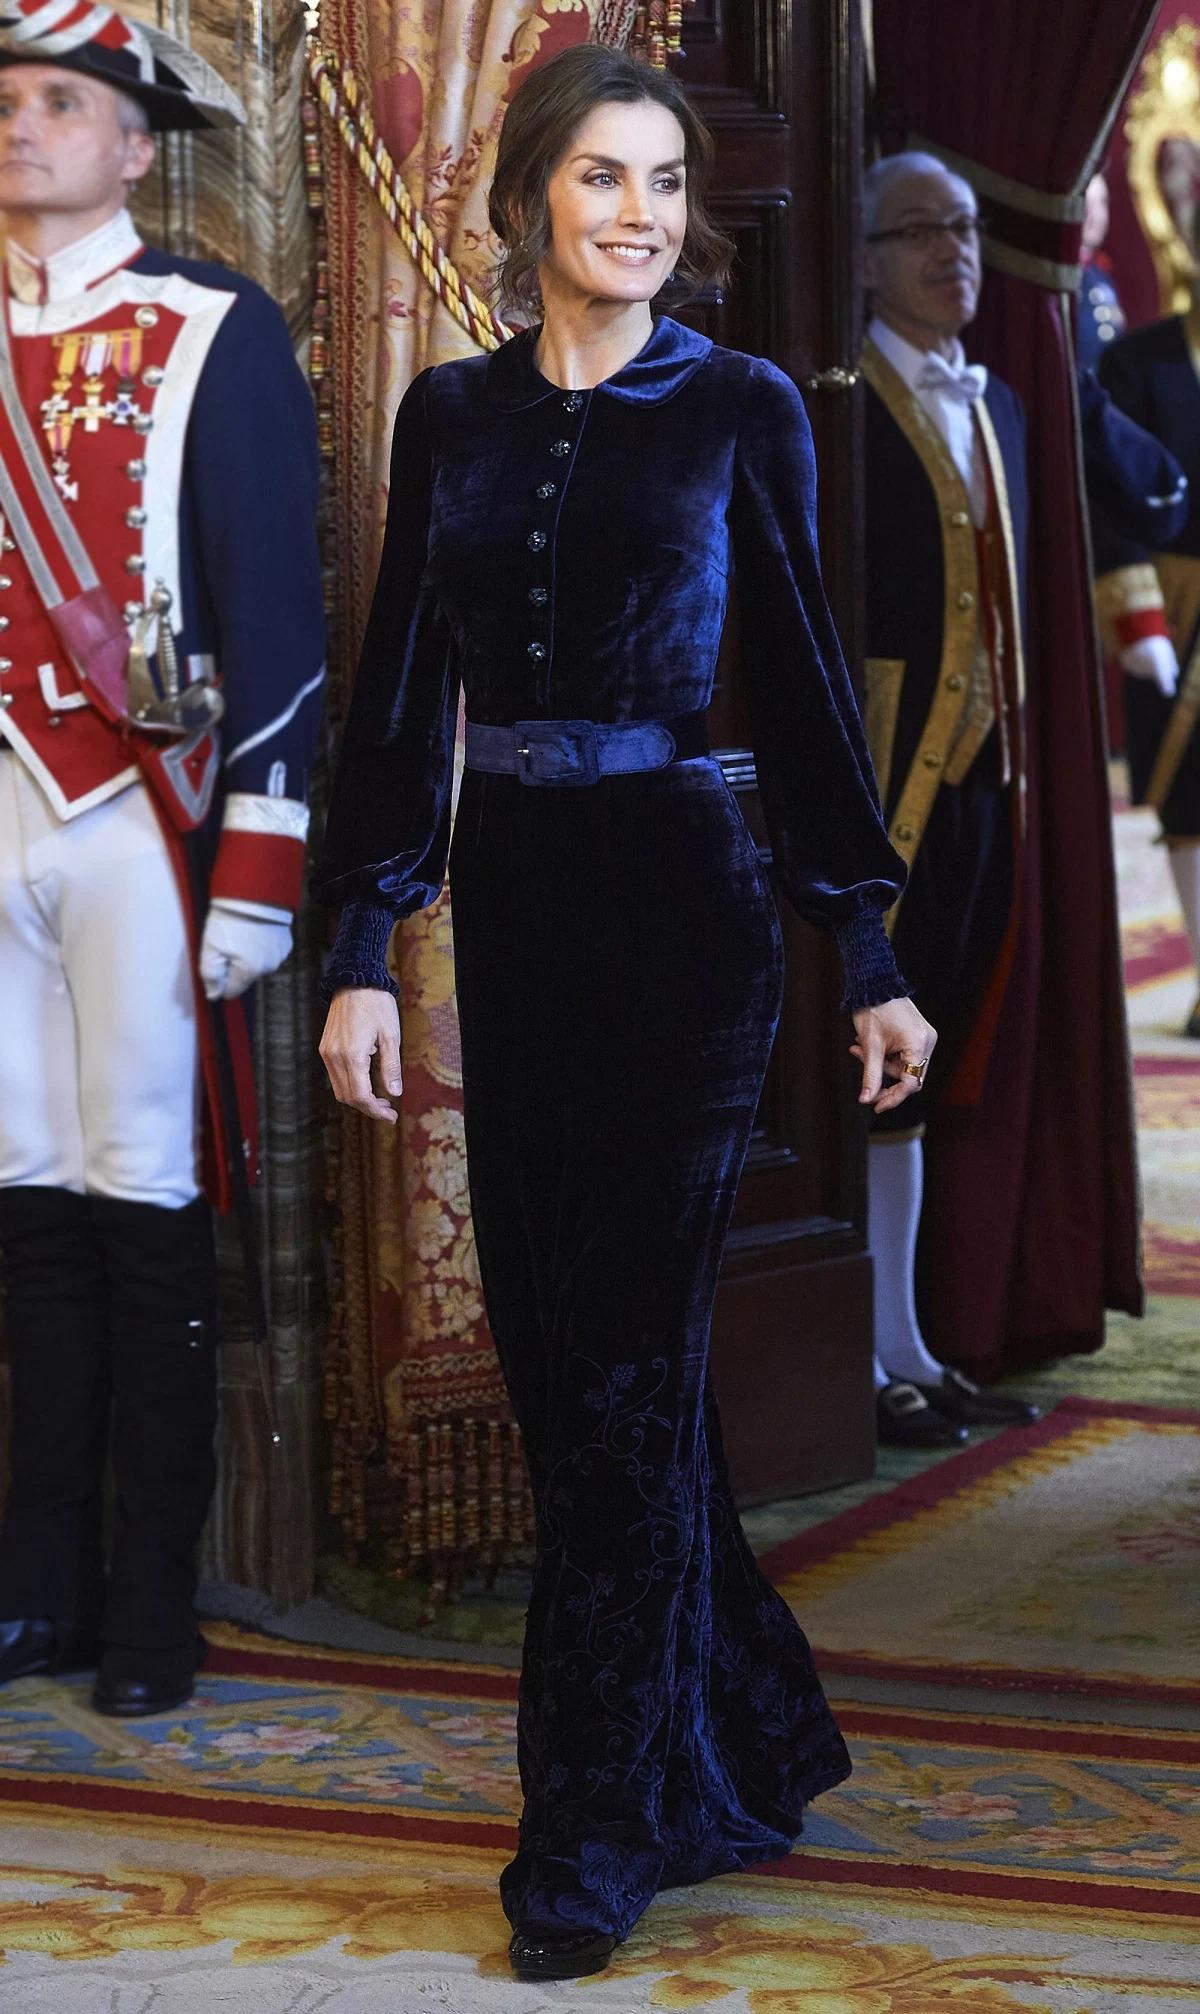 Phong cách thời trang, lối trang điểm của Hoàng hậu Letizia được đánh giá cao.